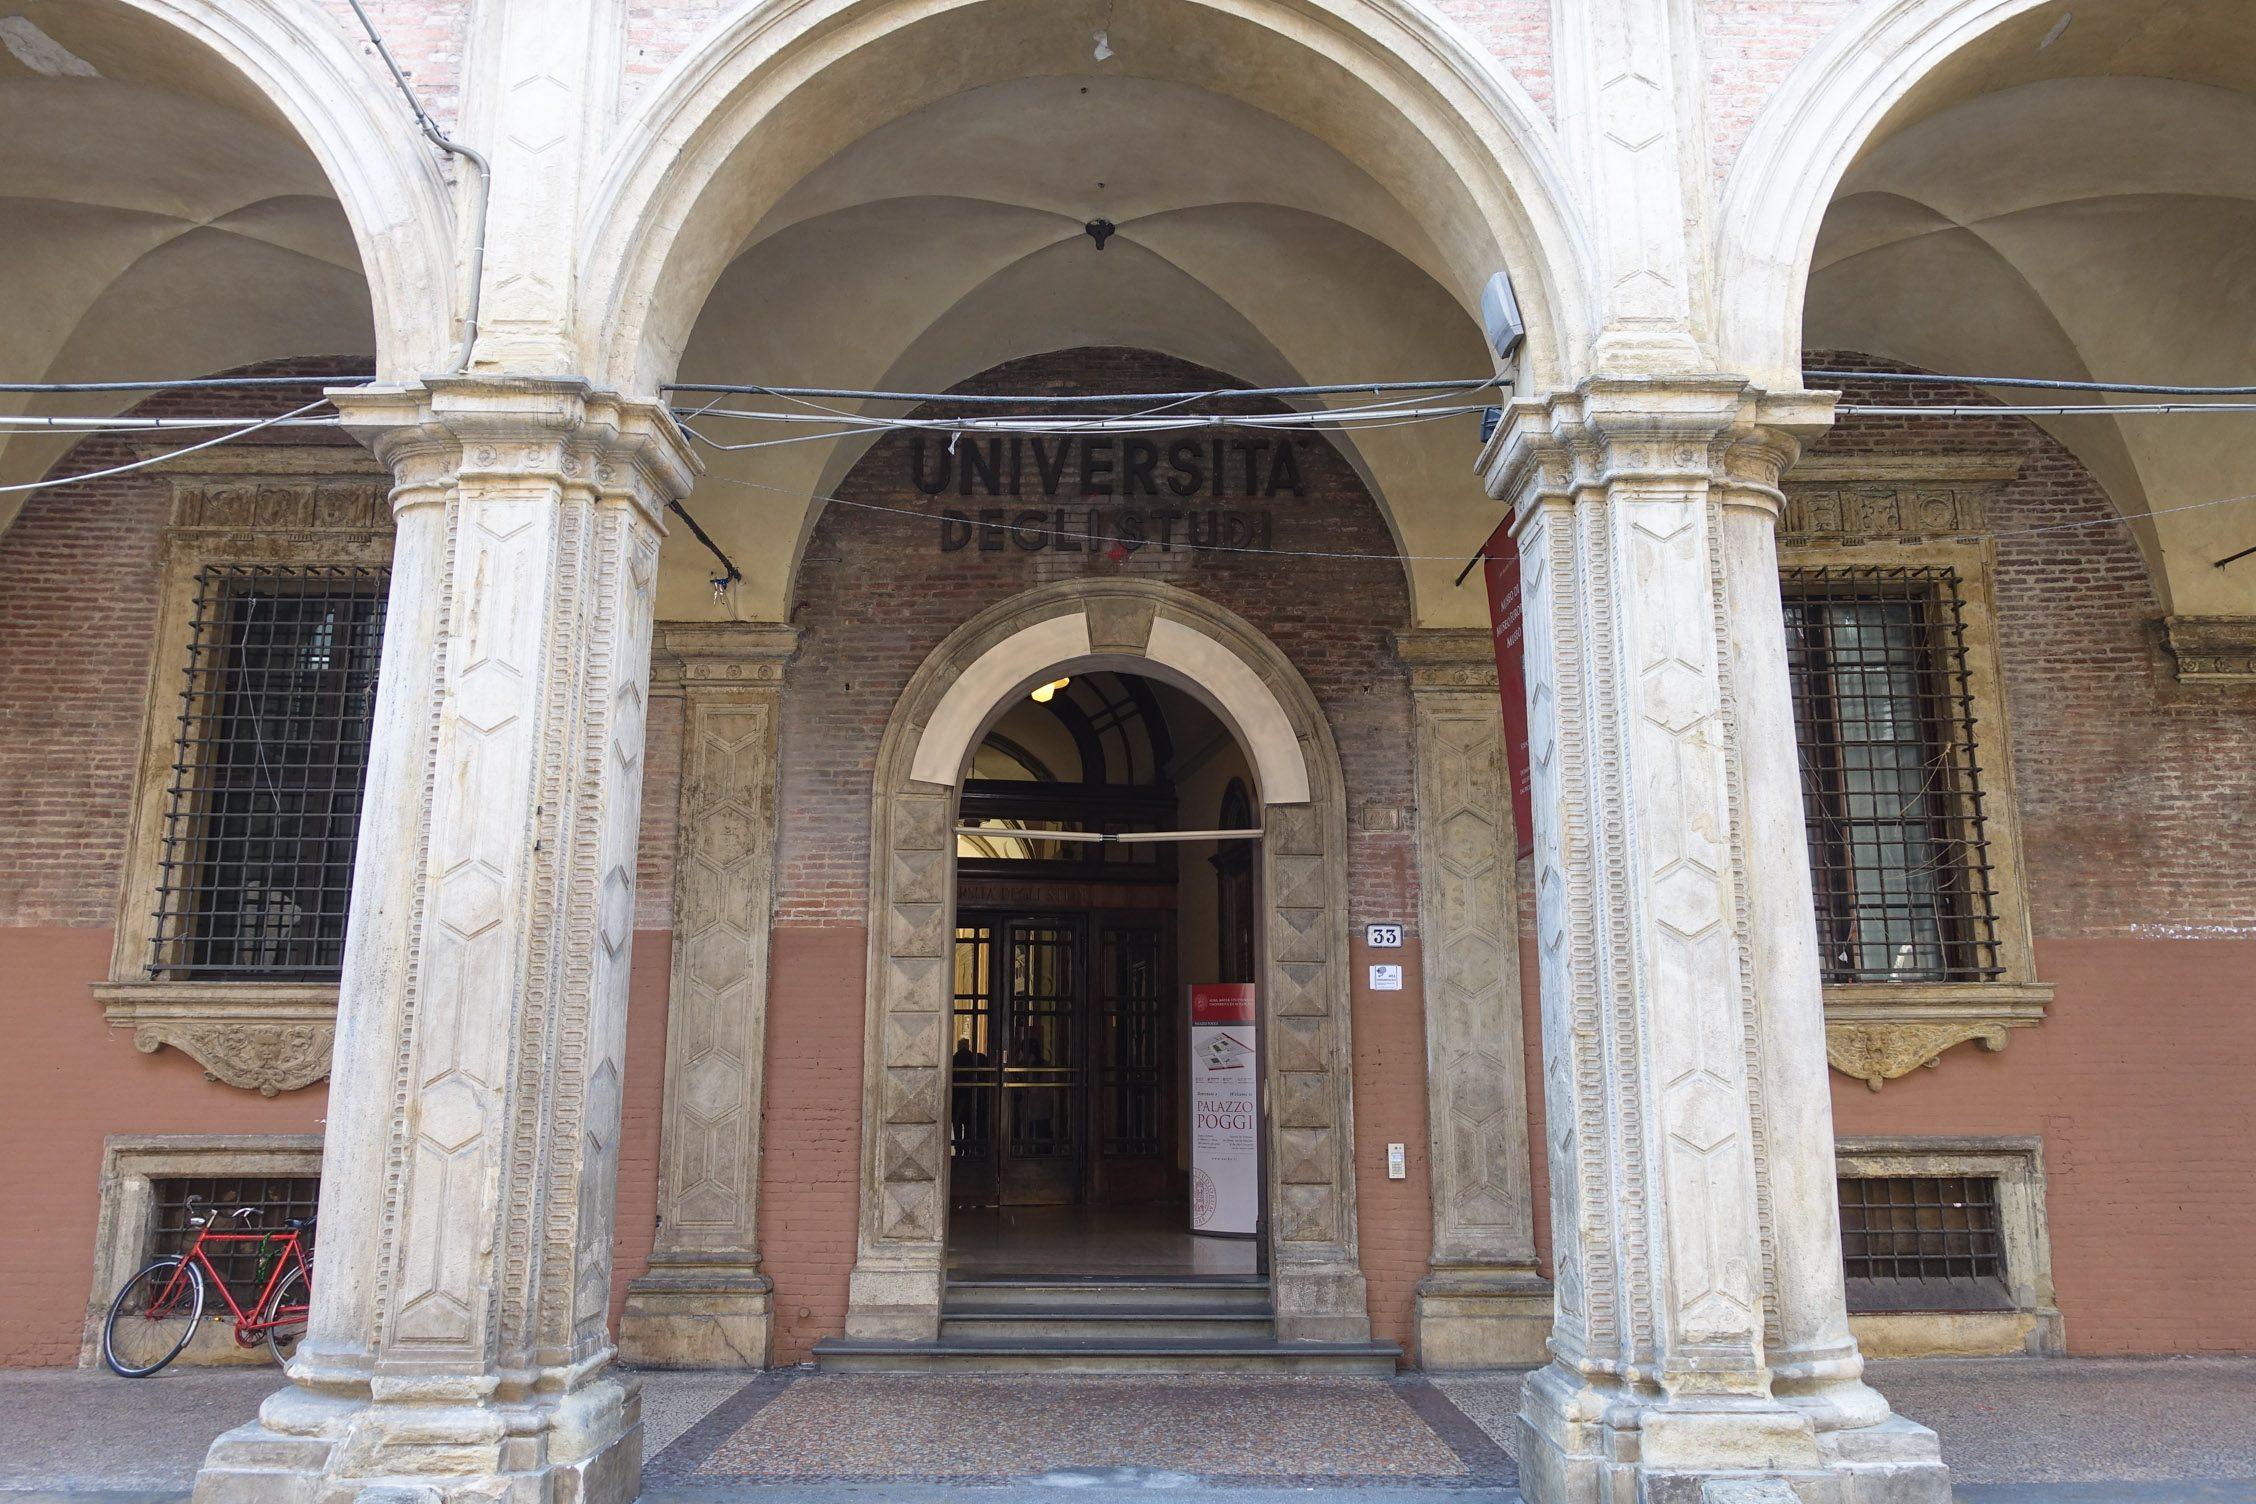 de entree van de oude universiteit